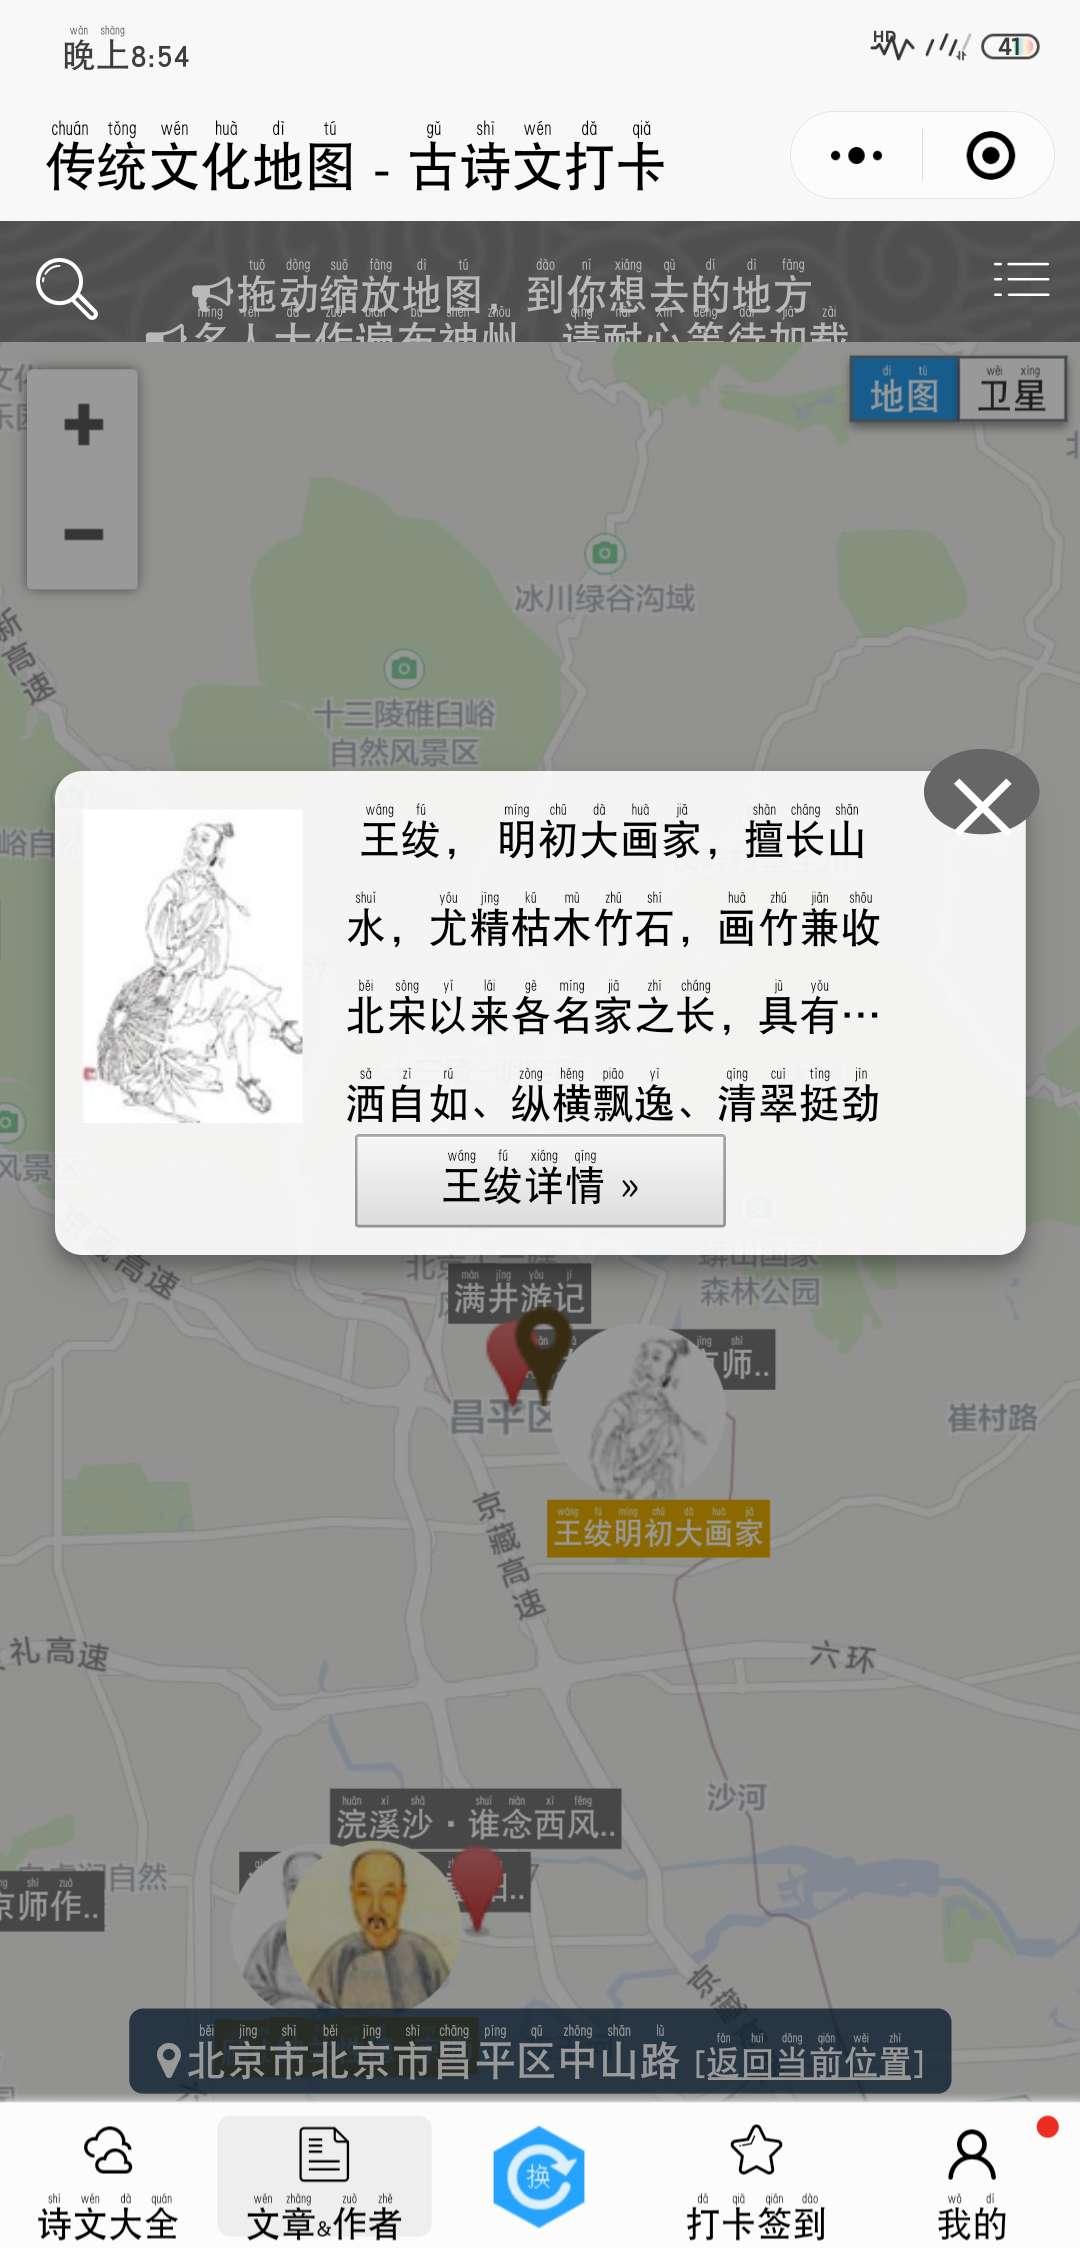 【小程序】古诗文打卡 中华文化,博大精深,古诗文承载 微信小程序-爱小助